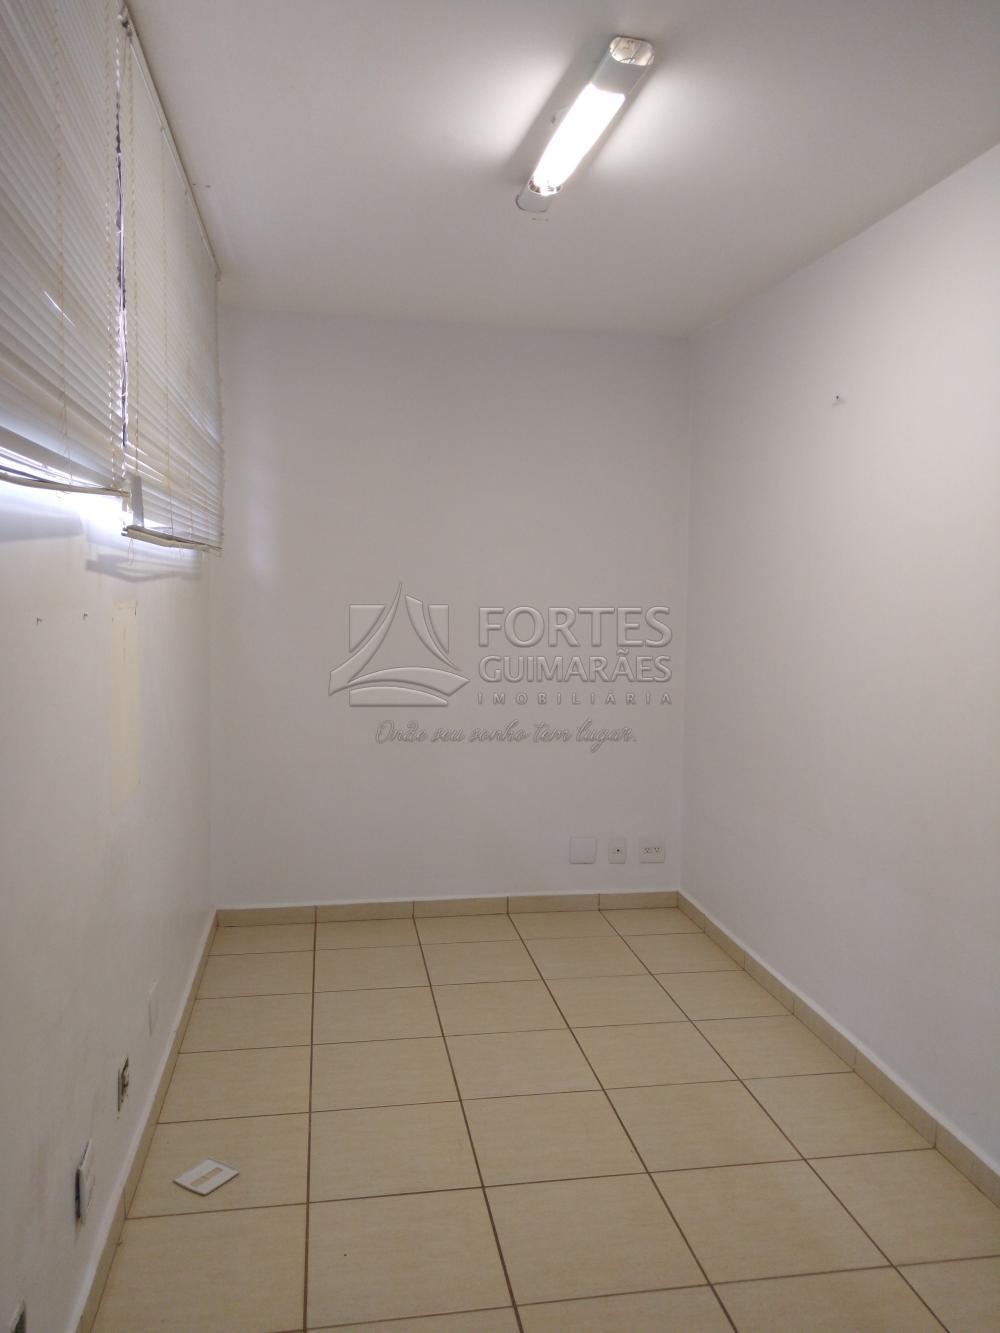 Alugar Comercial / Imóvel Comercial em Ribeirão Preto apenas R$ 12.000,00 - Foto 49